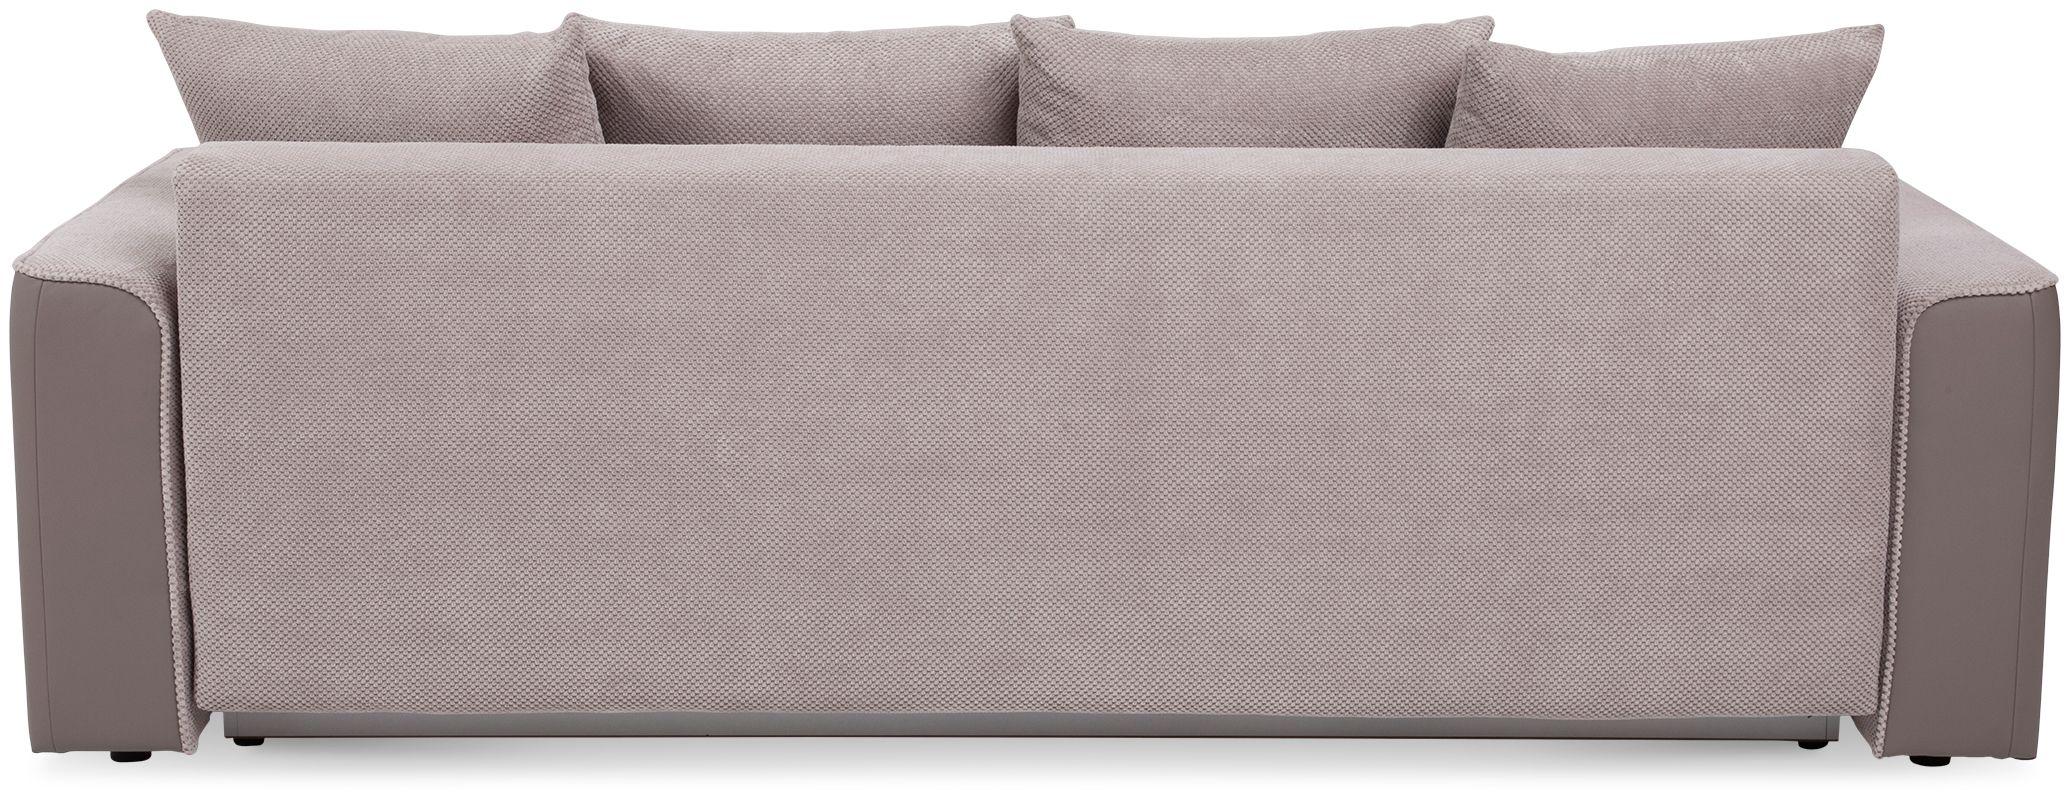 kanapa lizbona 9